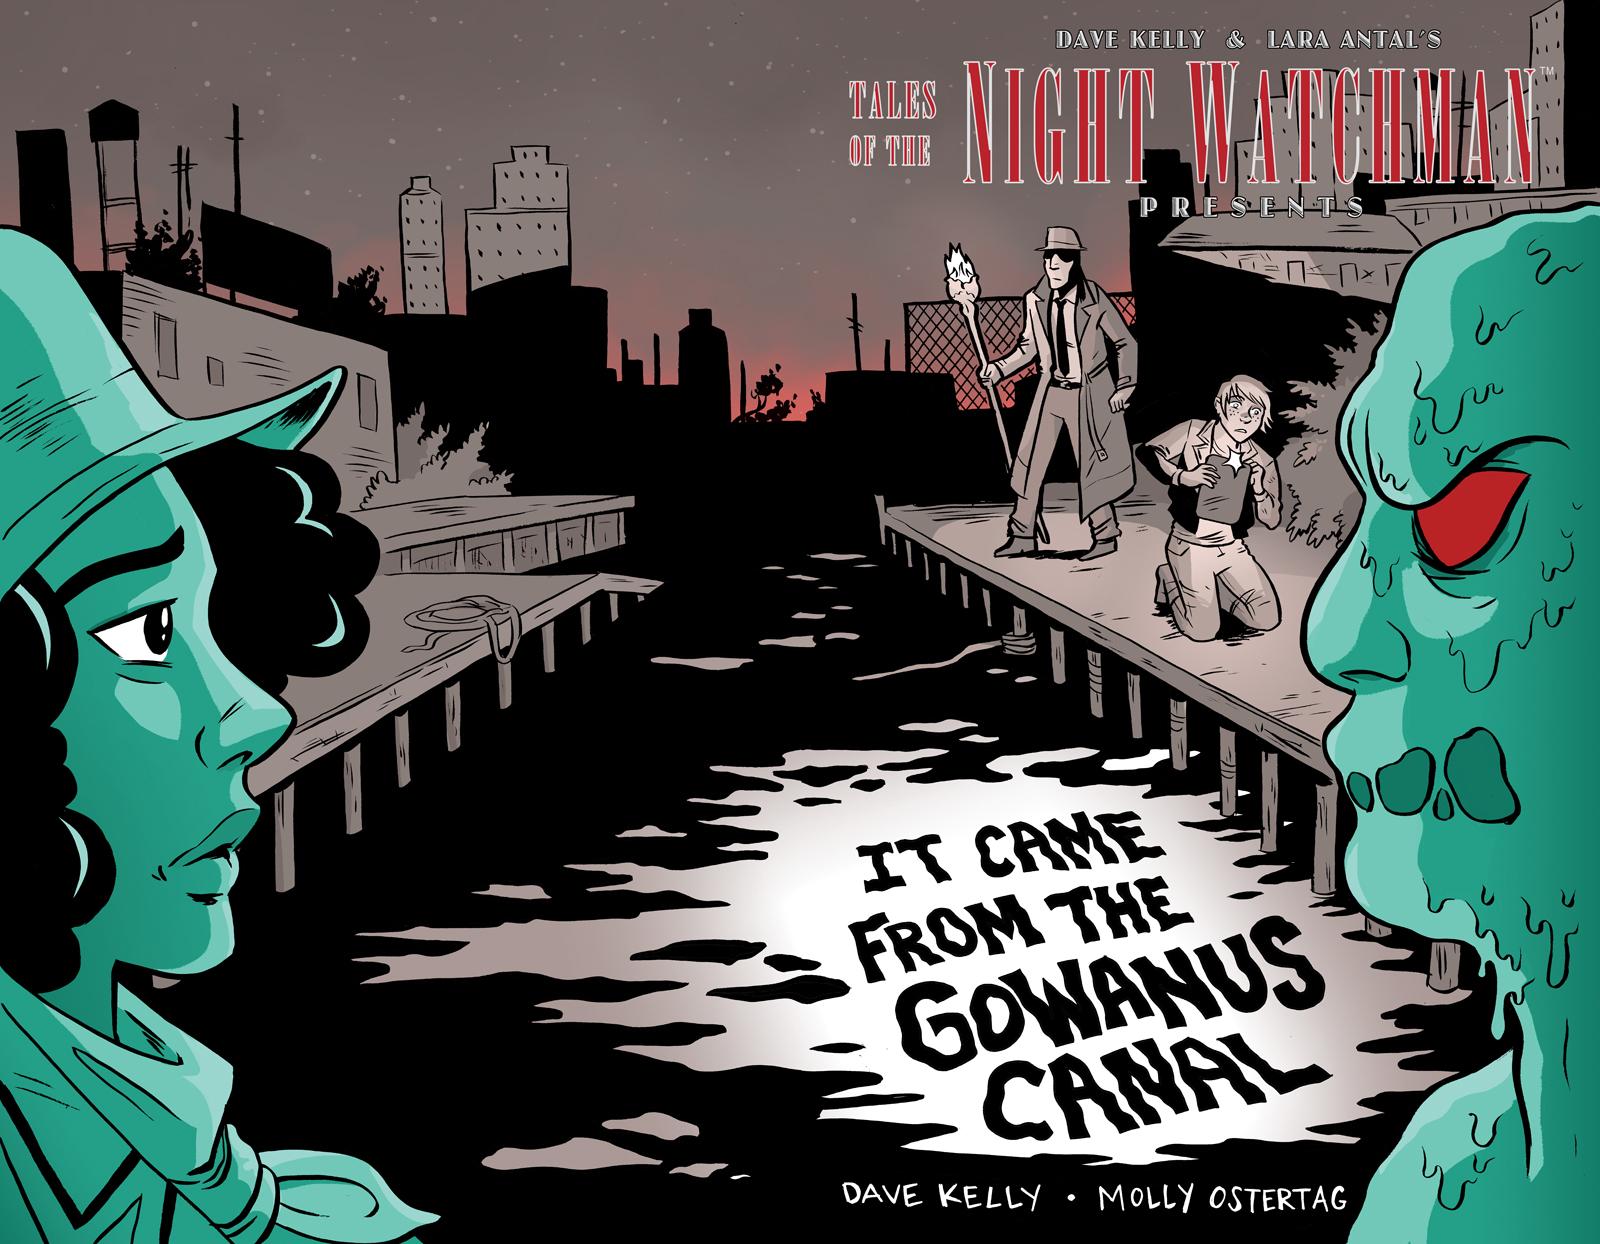 TotNWM_GowanusCanal_cover.jpg